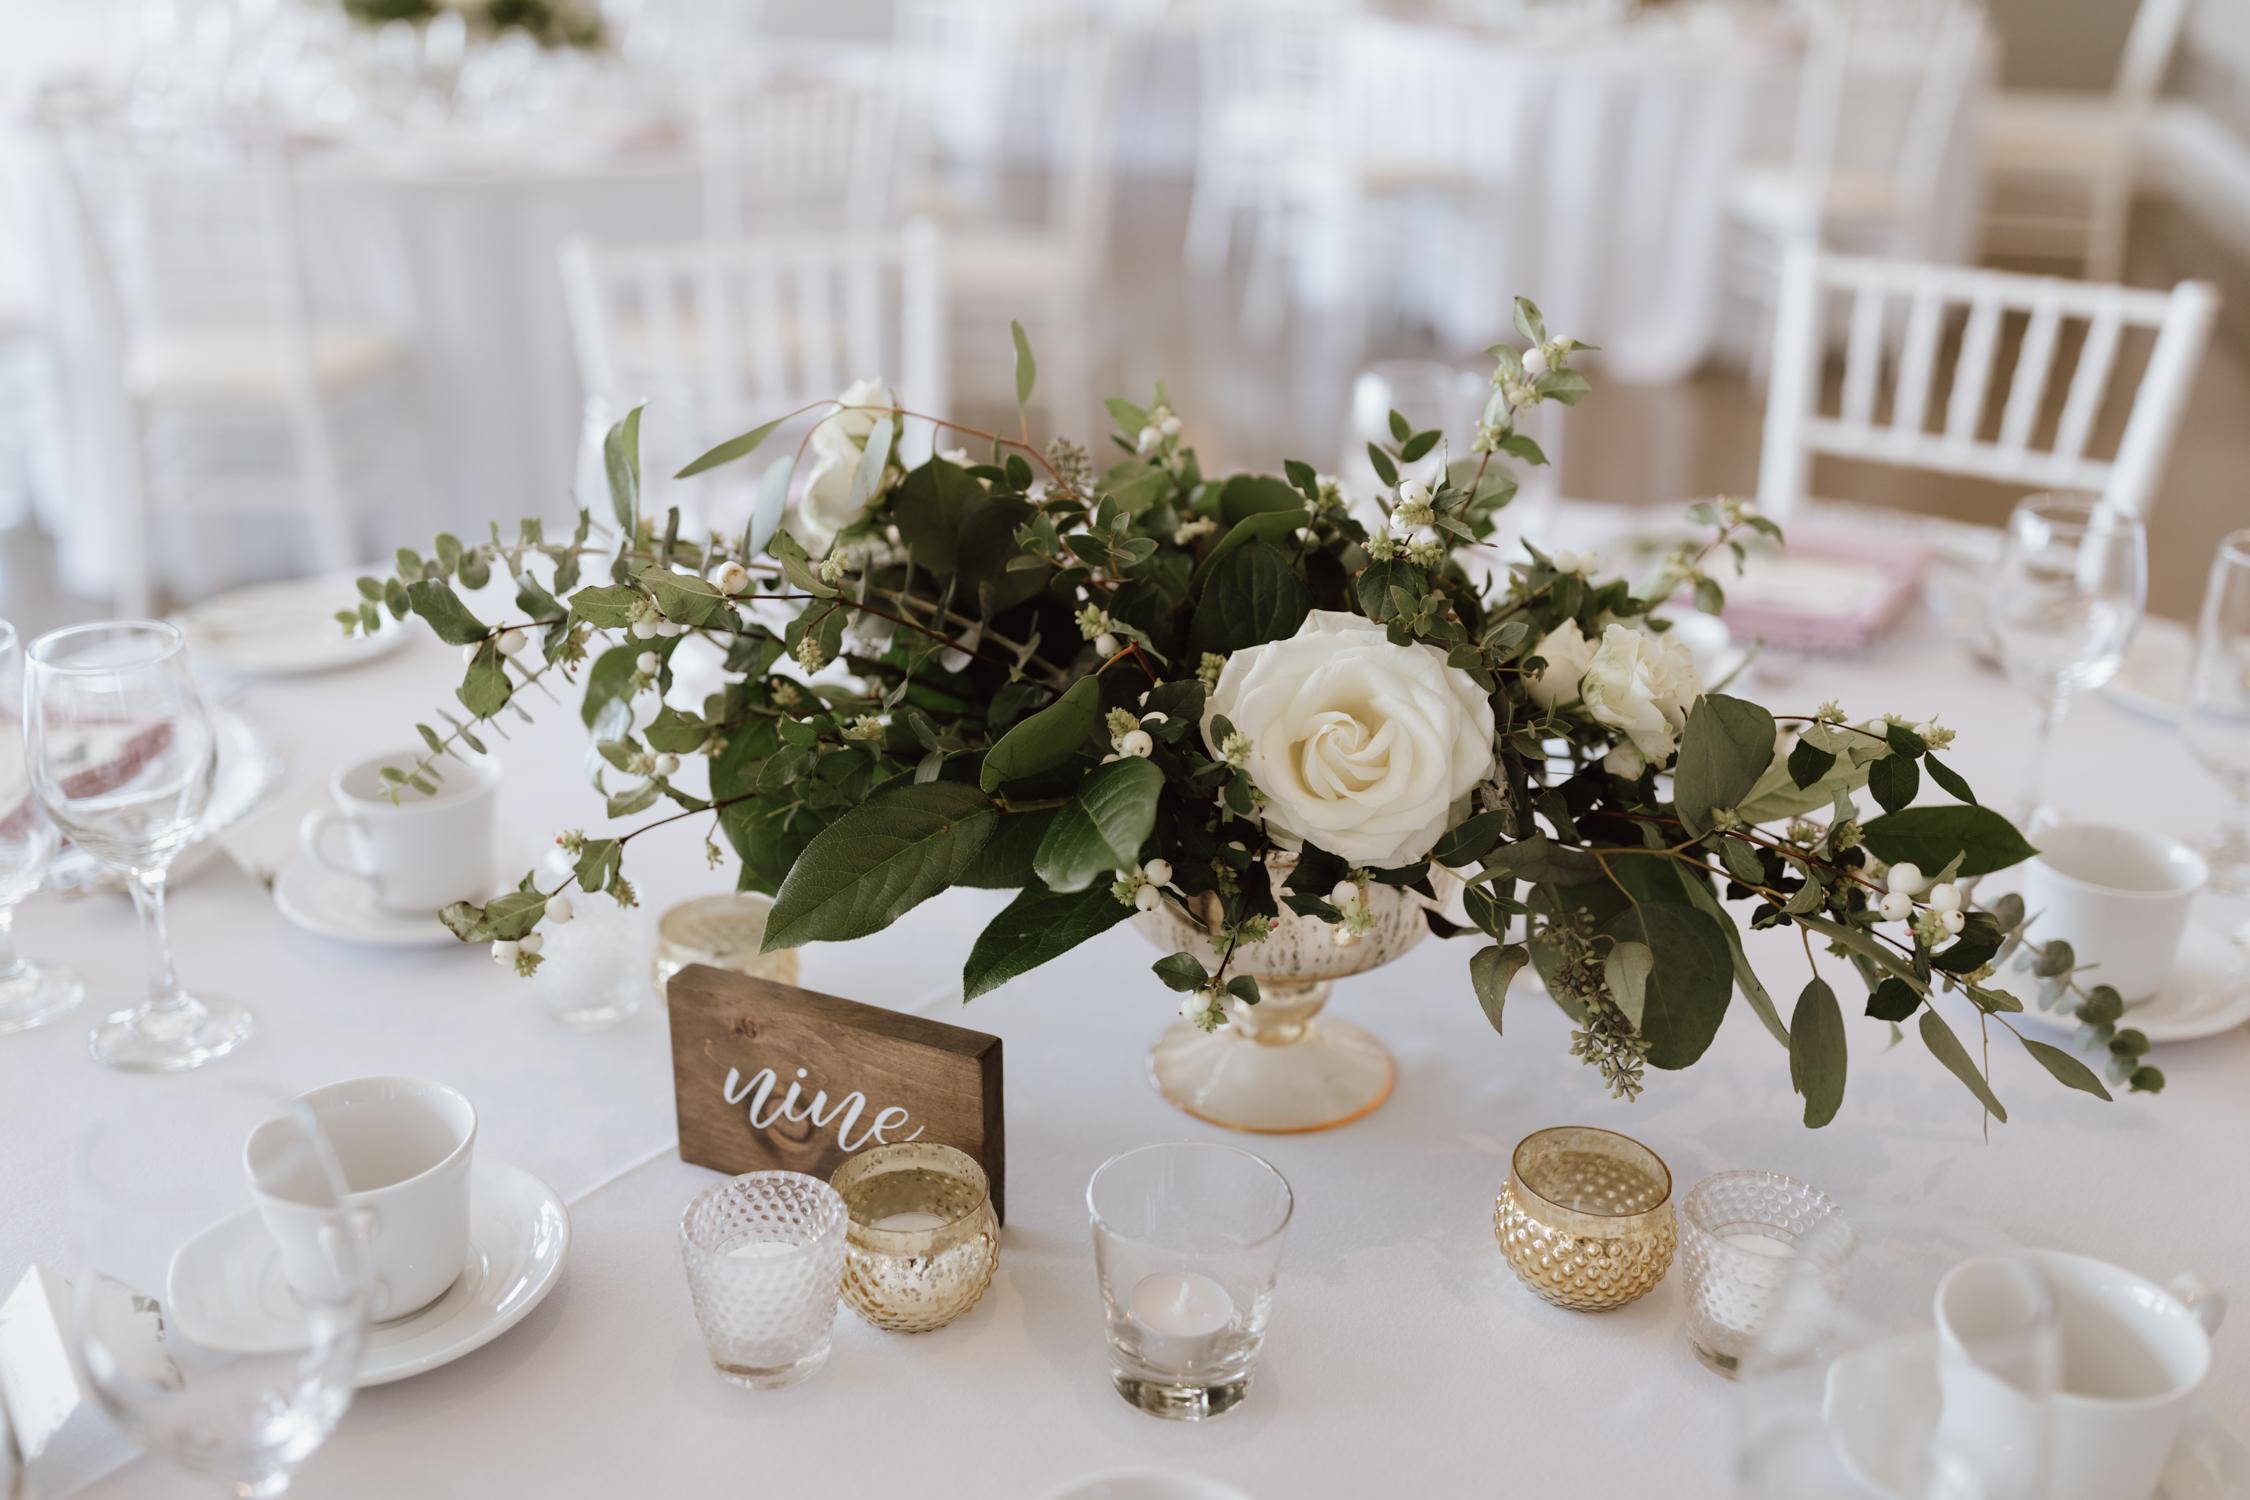 Le Belvédère Wedding reception